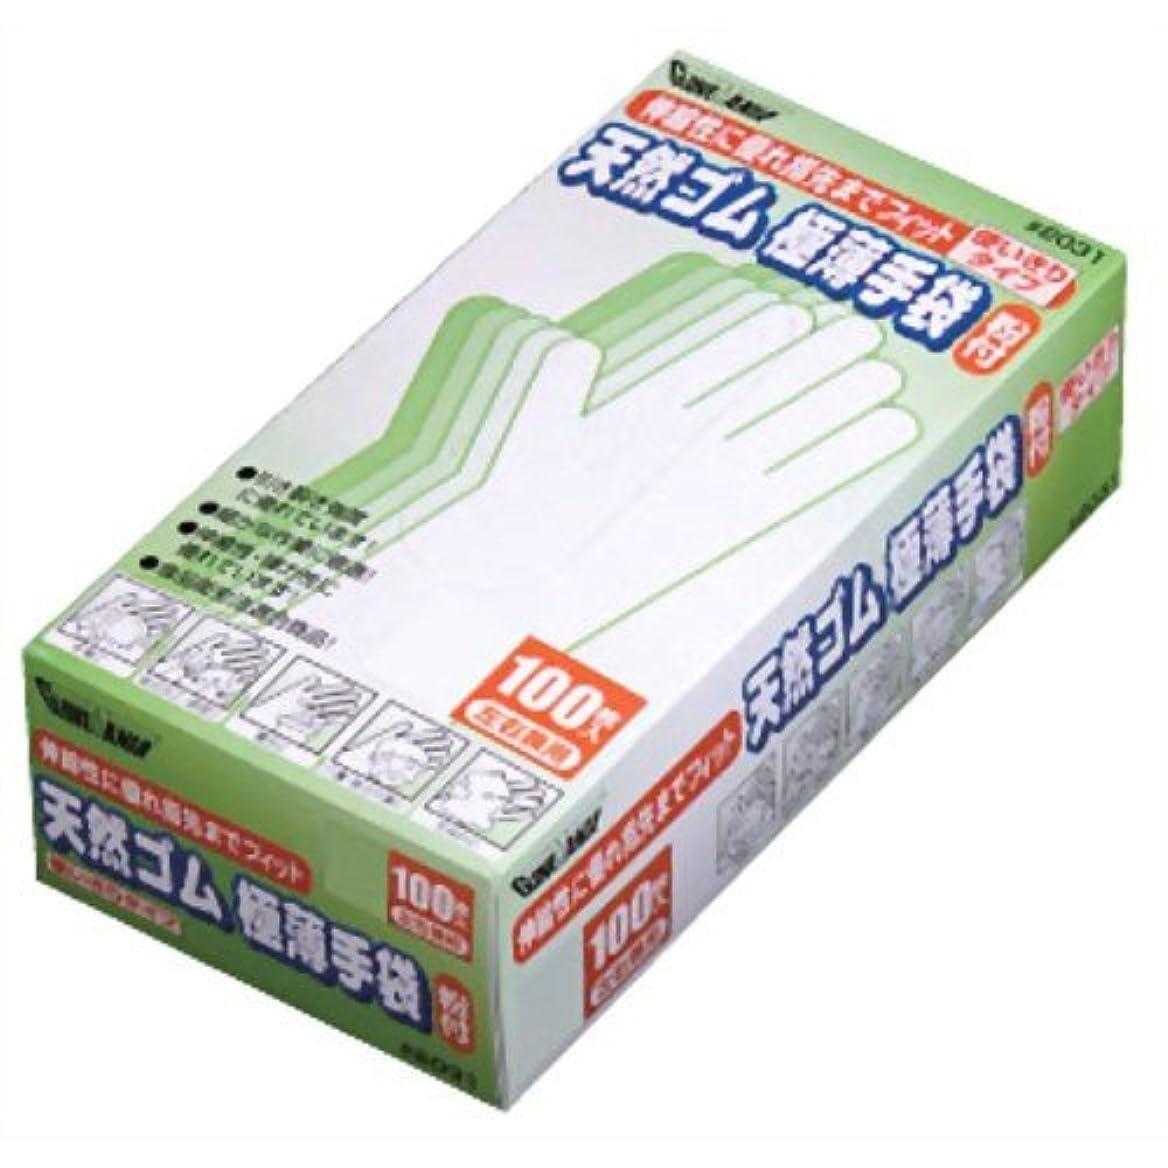 職人飢えた失敗川西工業 天然ゴム極薄手袋 粉付 100枚入 #2031 ナチュラル SS